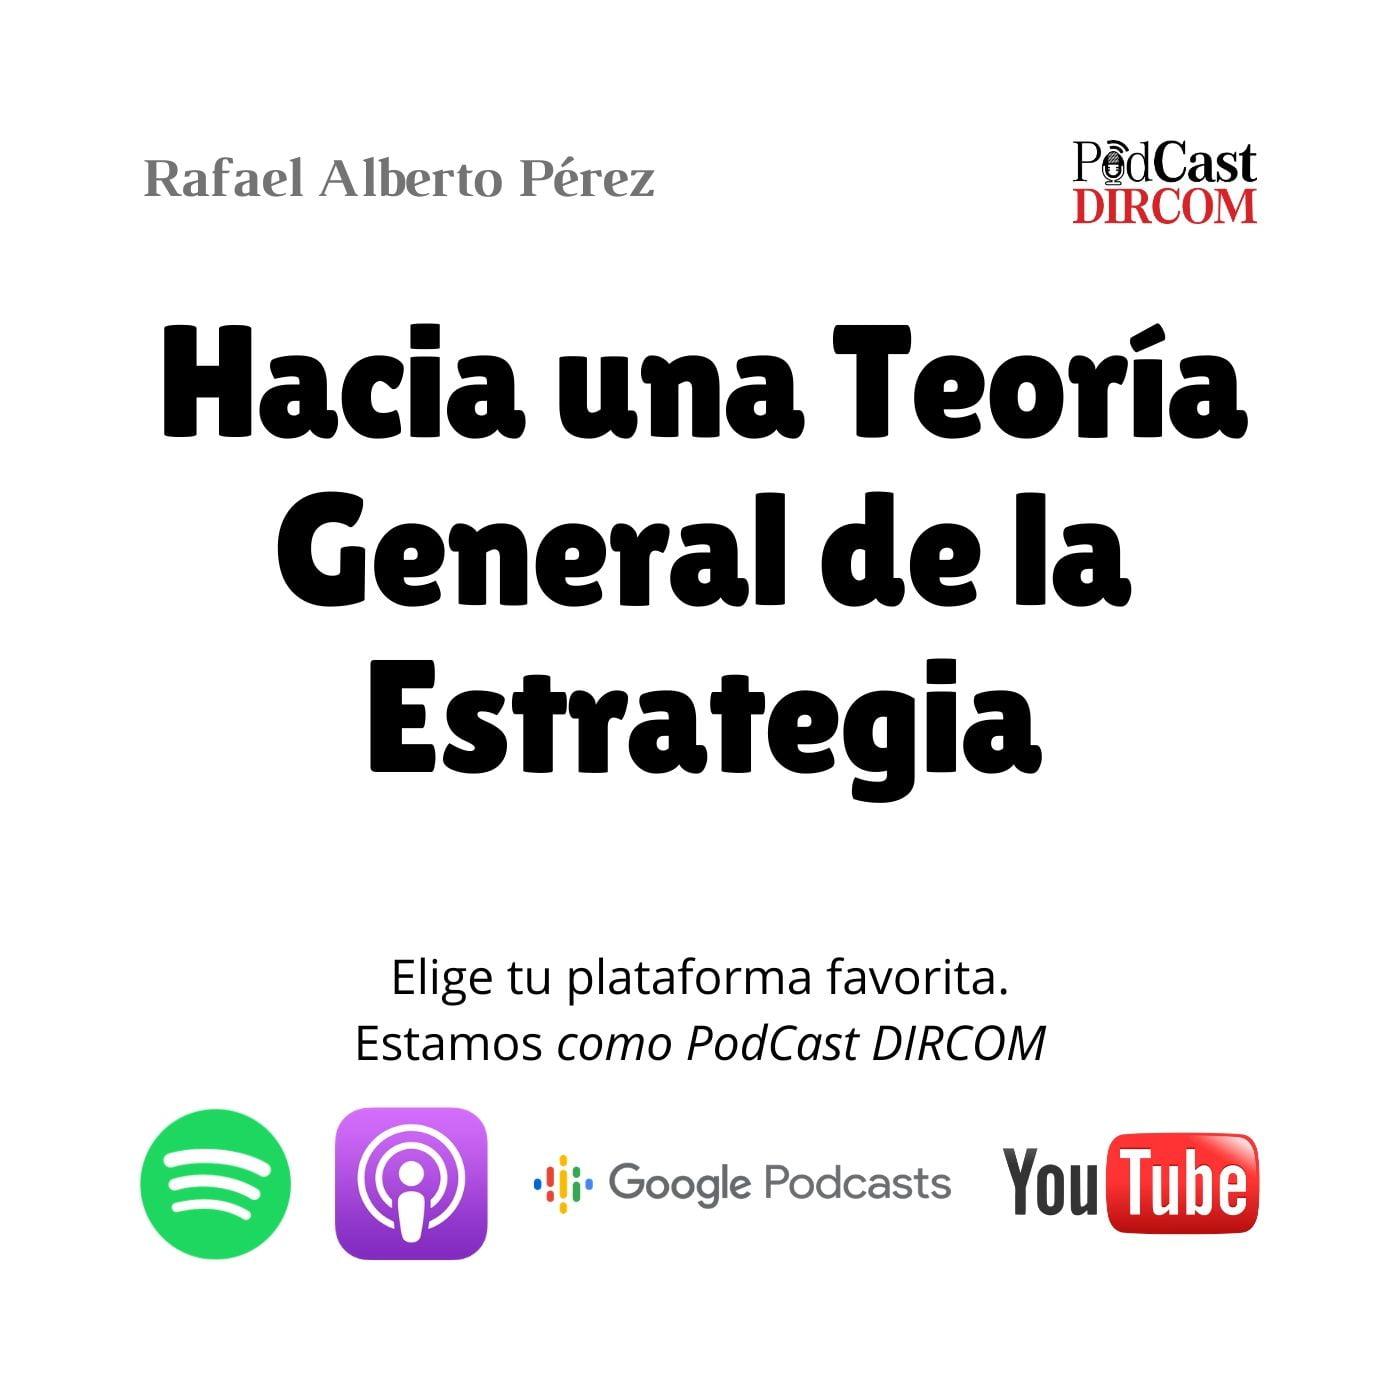 Rafael Alberto Perez - Hacia una teoría general de la Estrategia